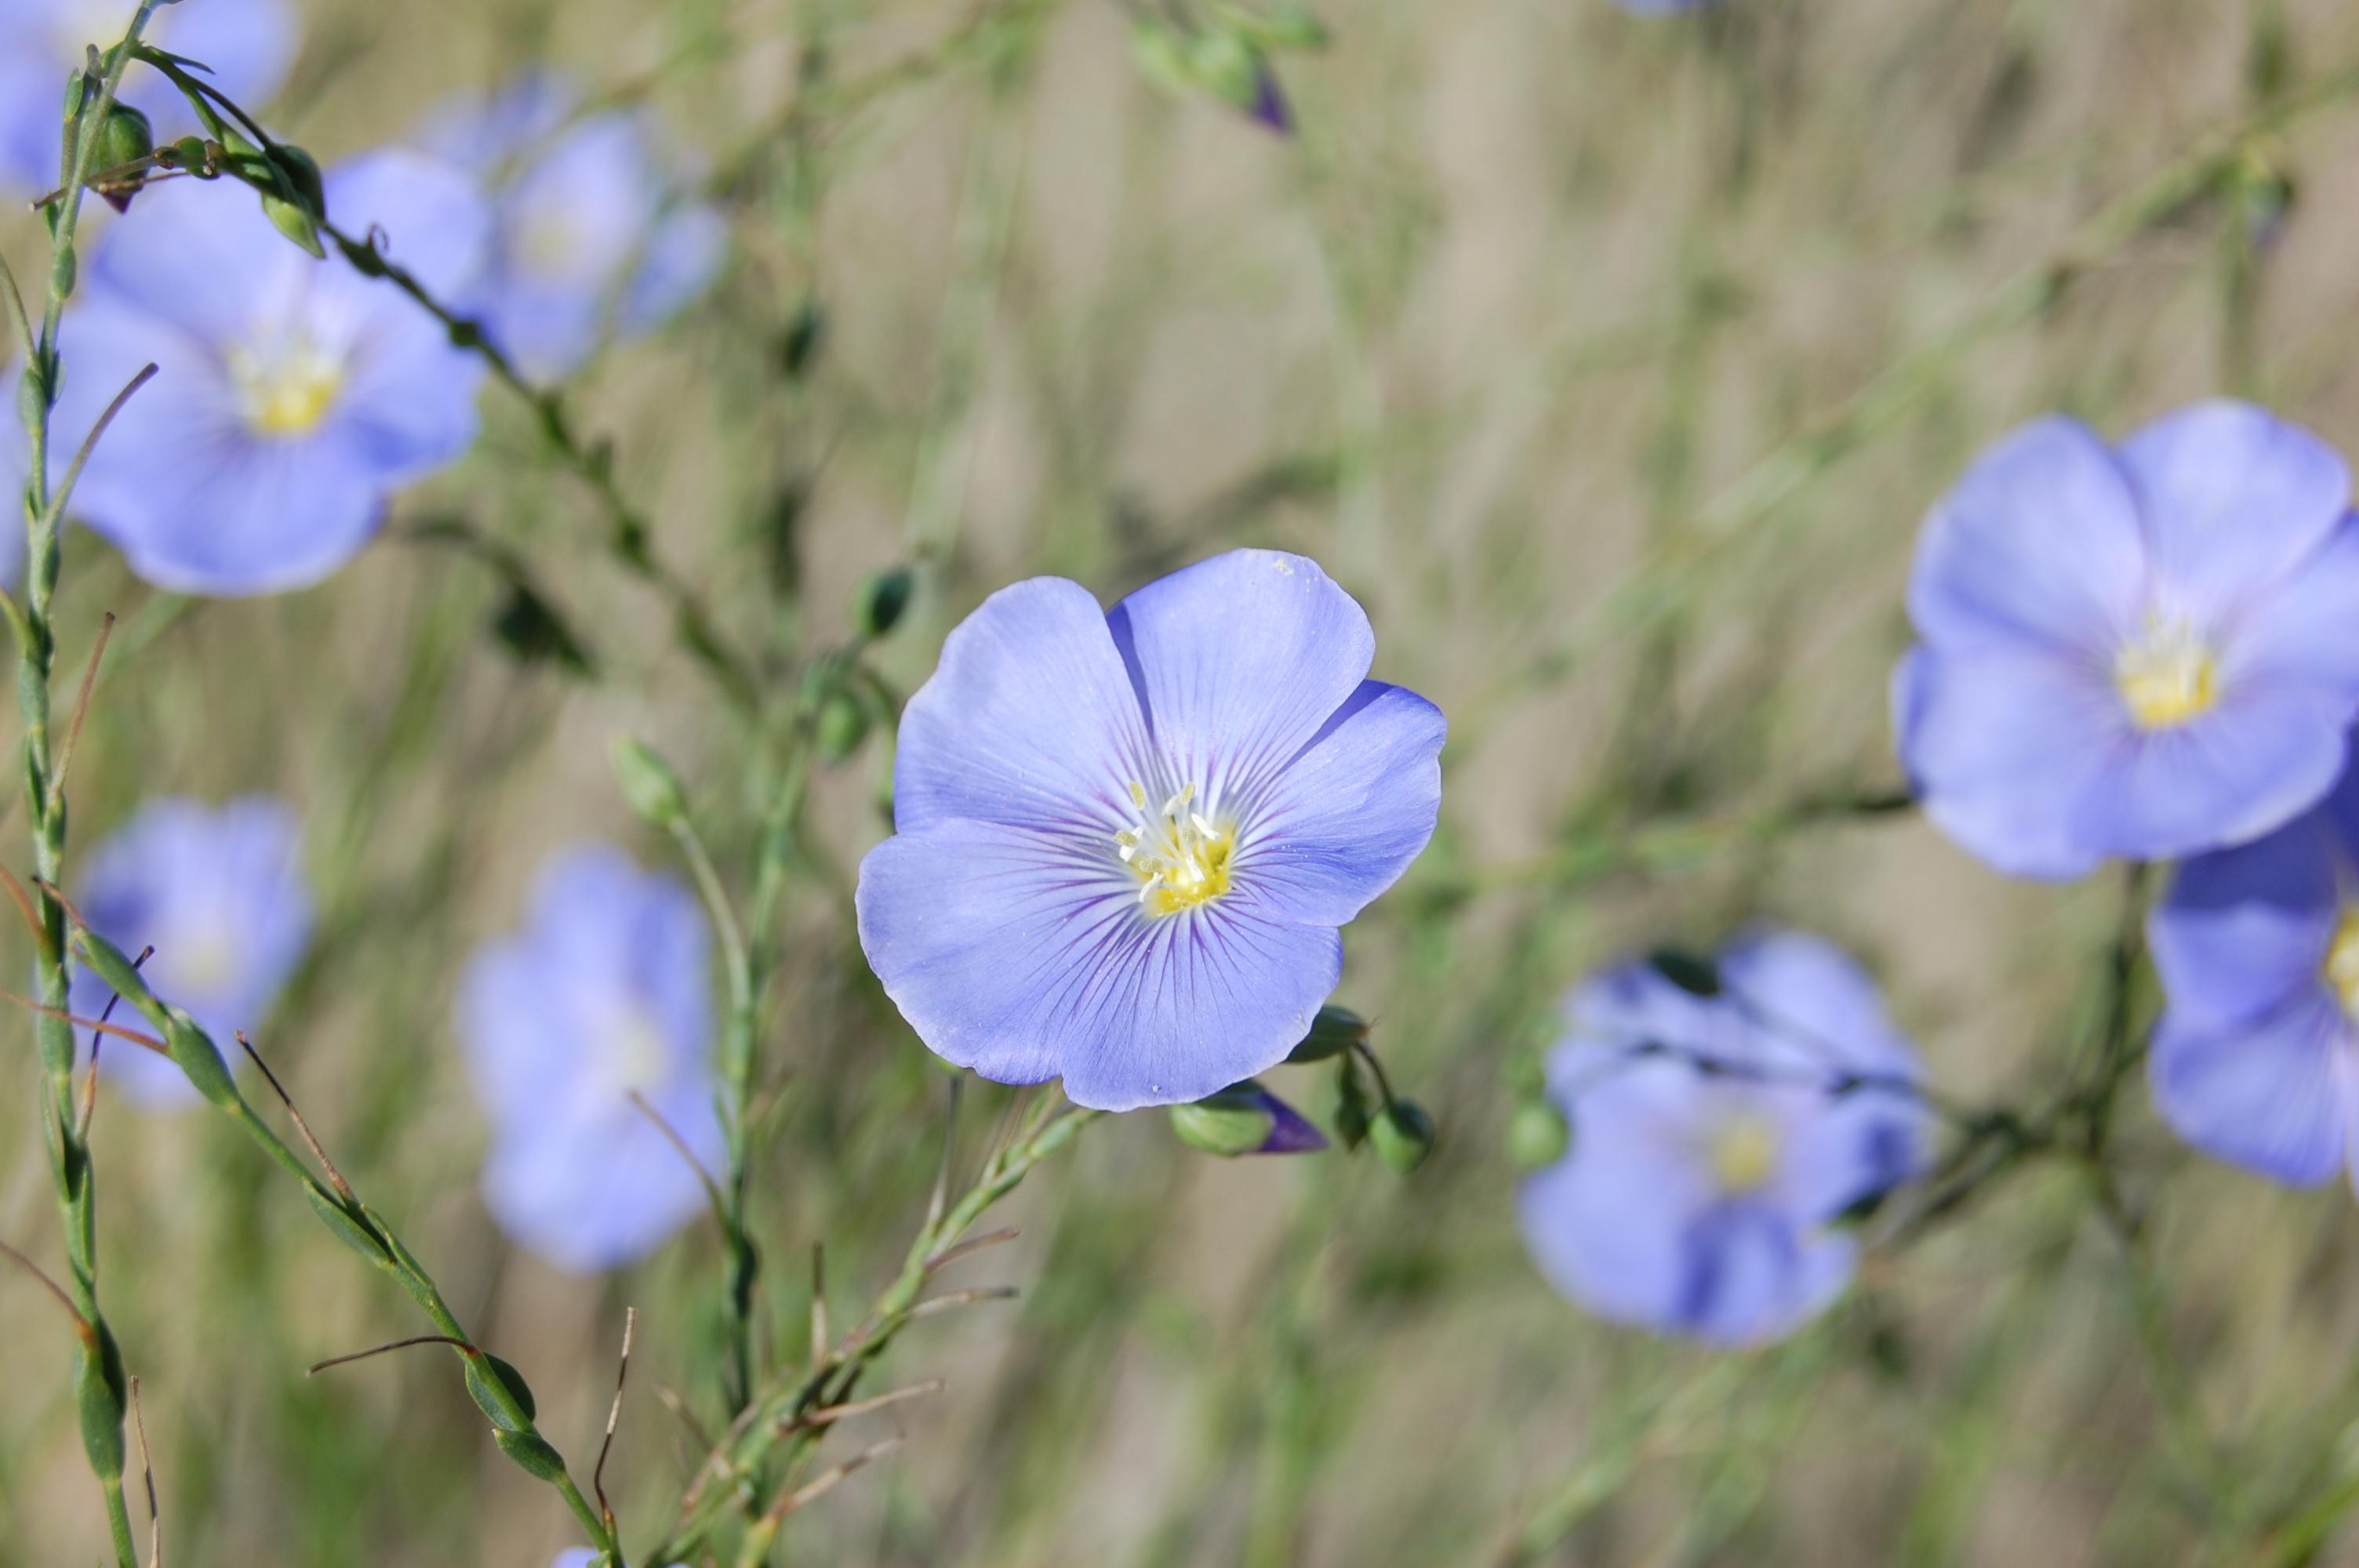 File:Linum lewisii, blue flax flower, Albuquerque.JPG ...